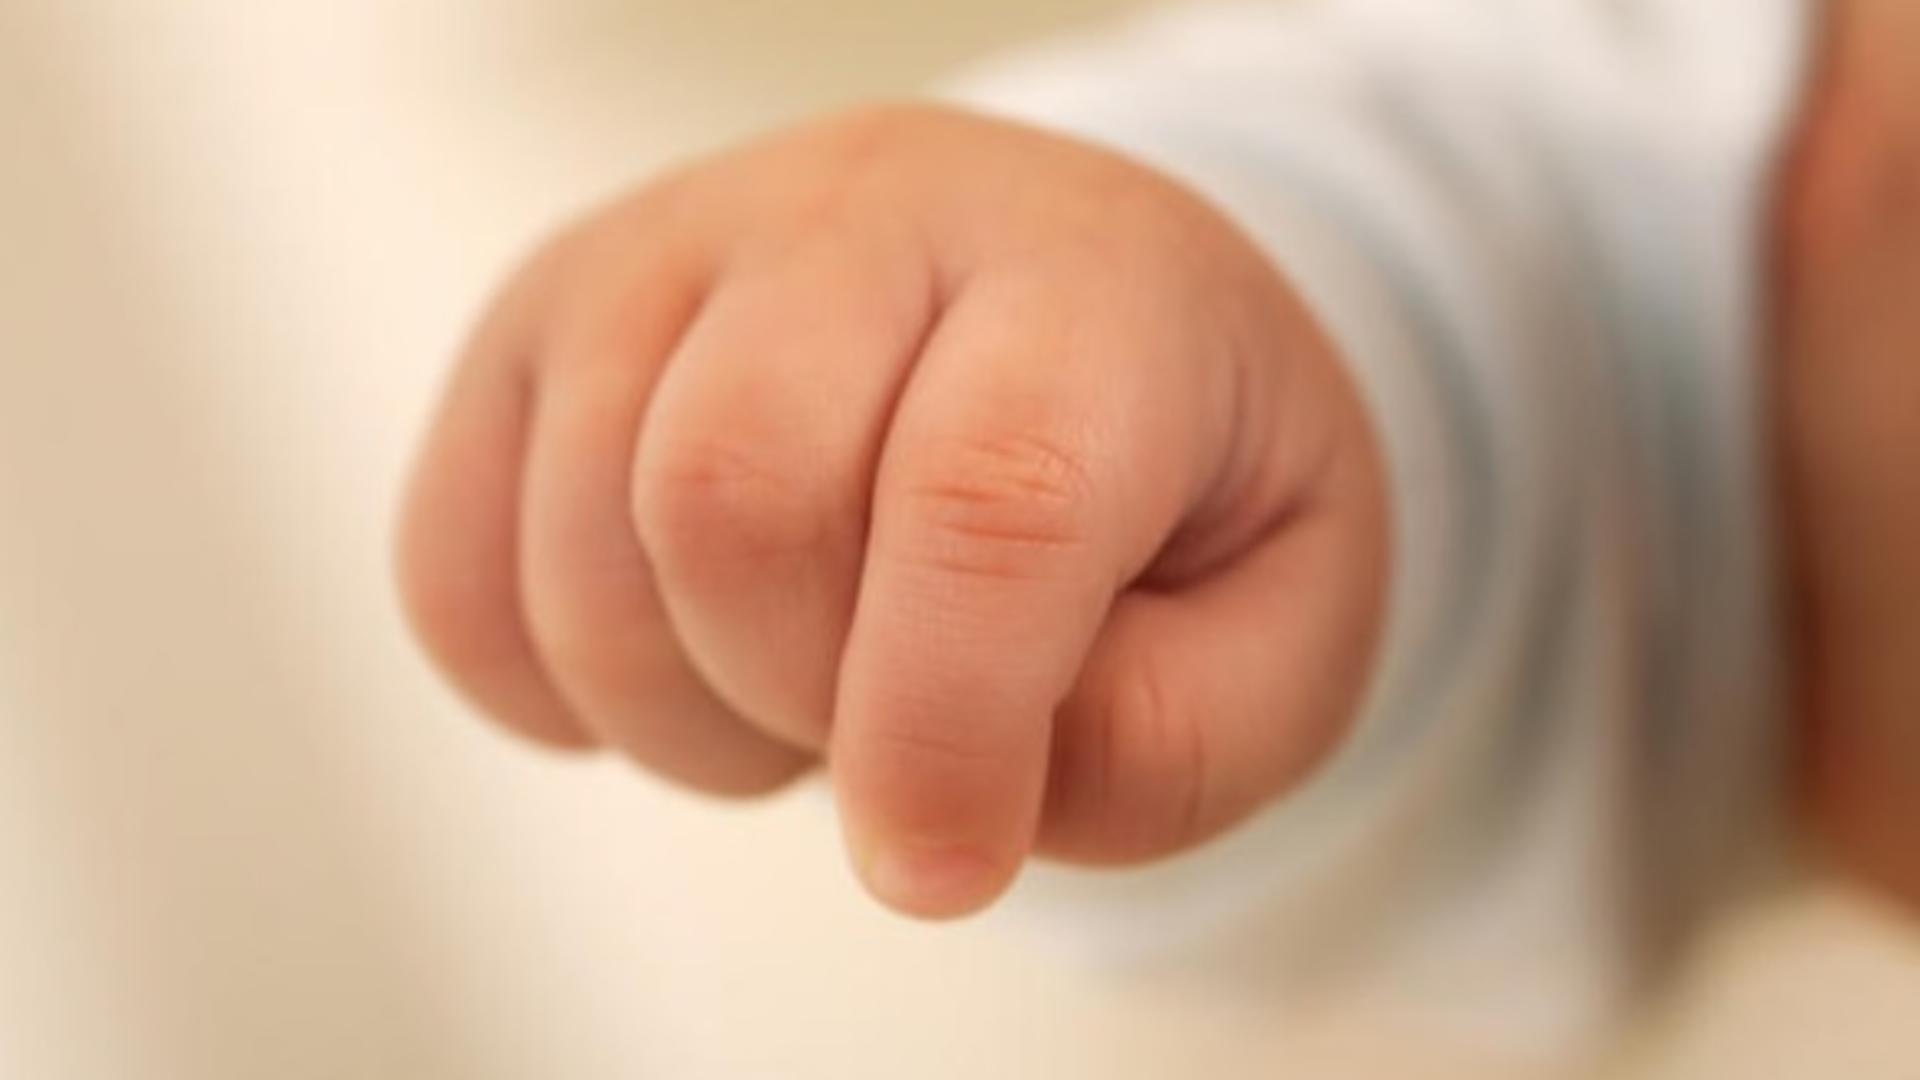 Bebeluşul are traumatisme grave la nivelul cutiei craniene